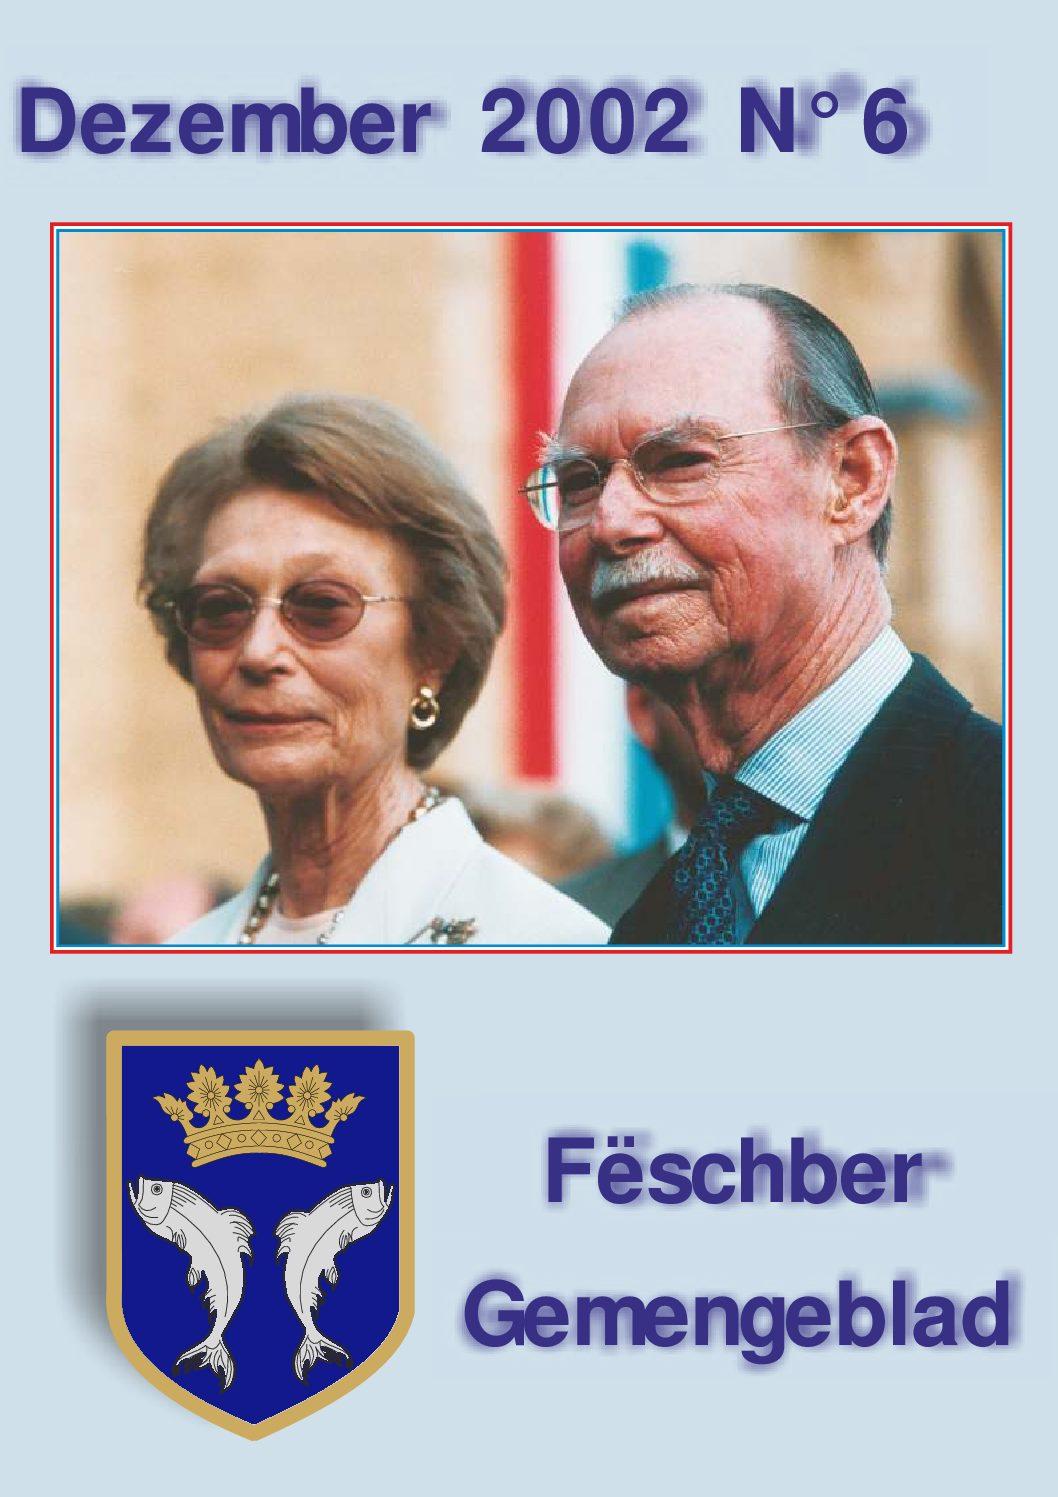 Dezember 2002 Gemengeblat No. 6